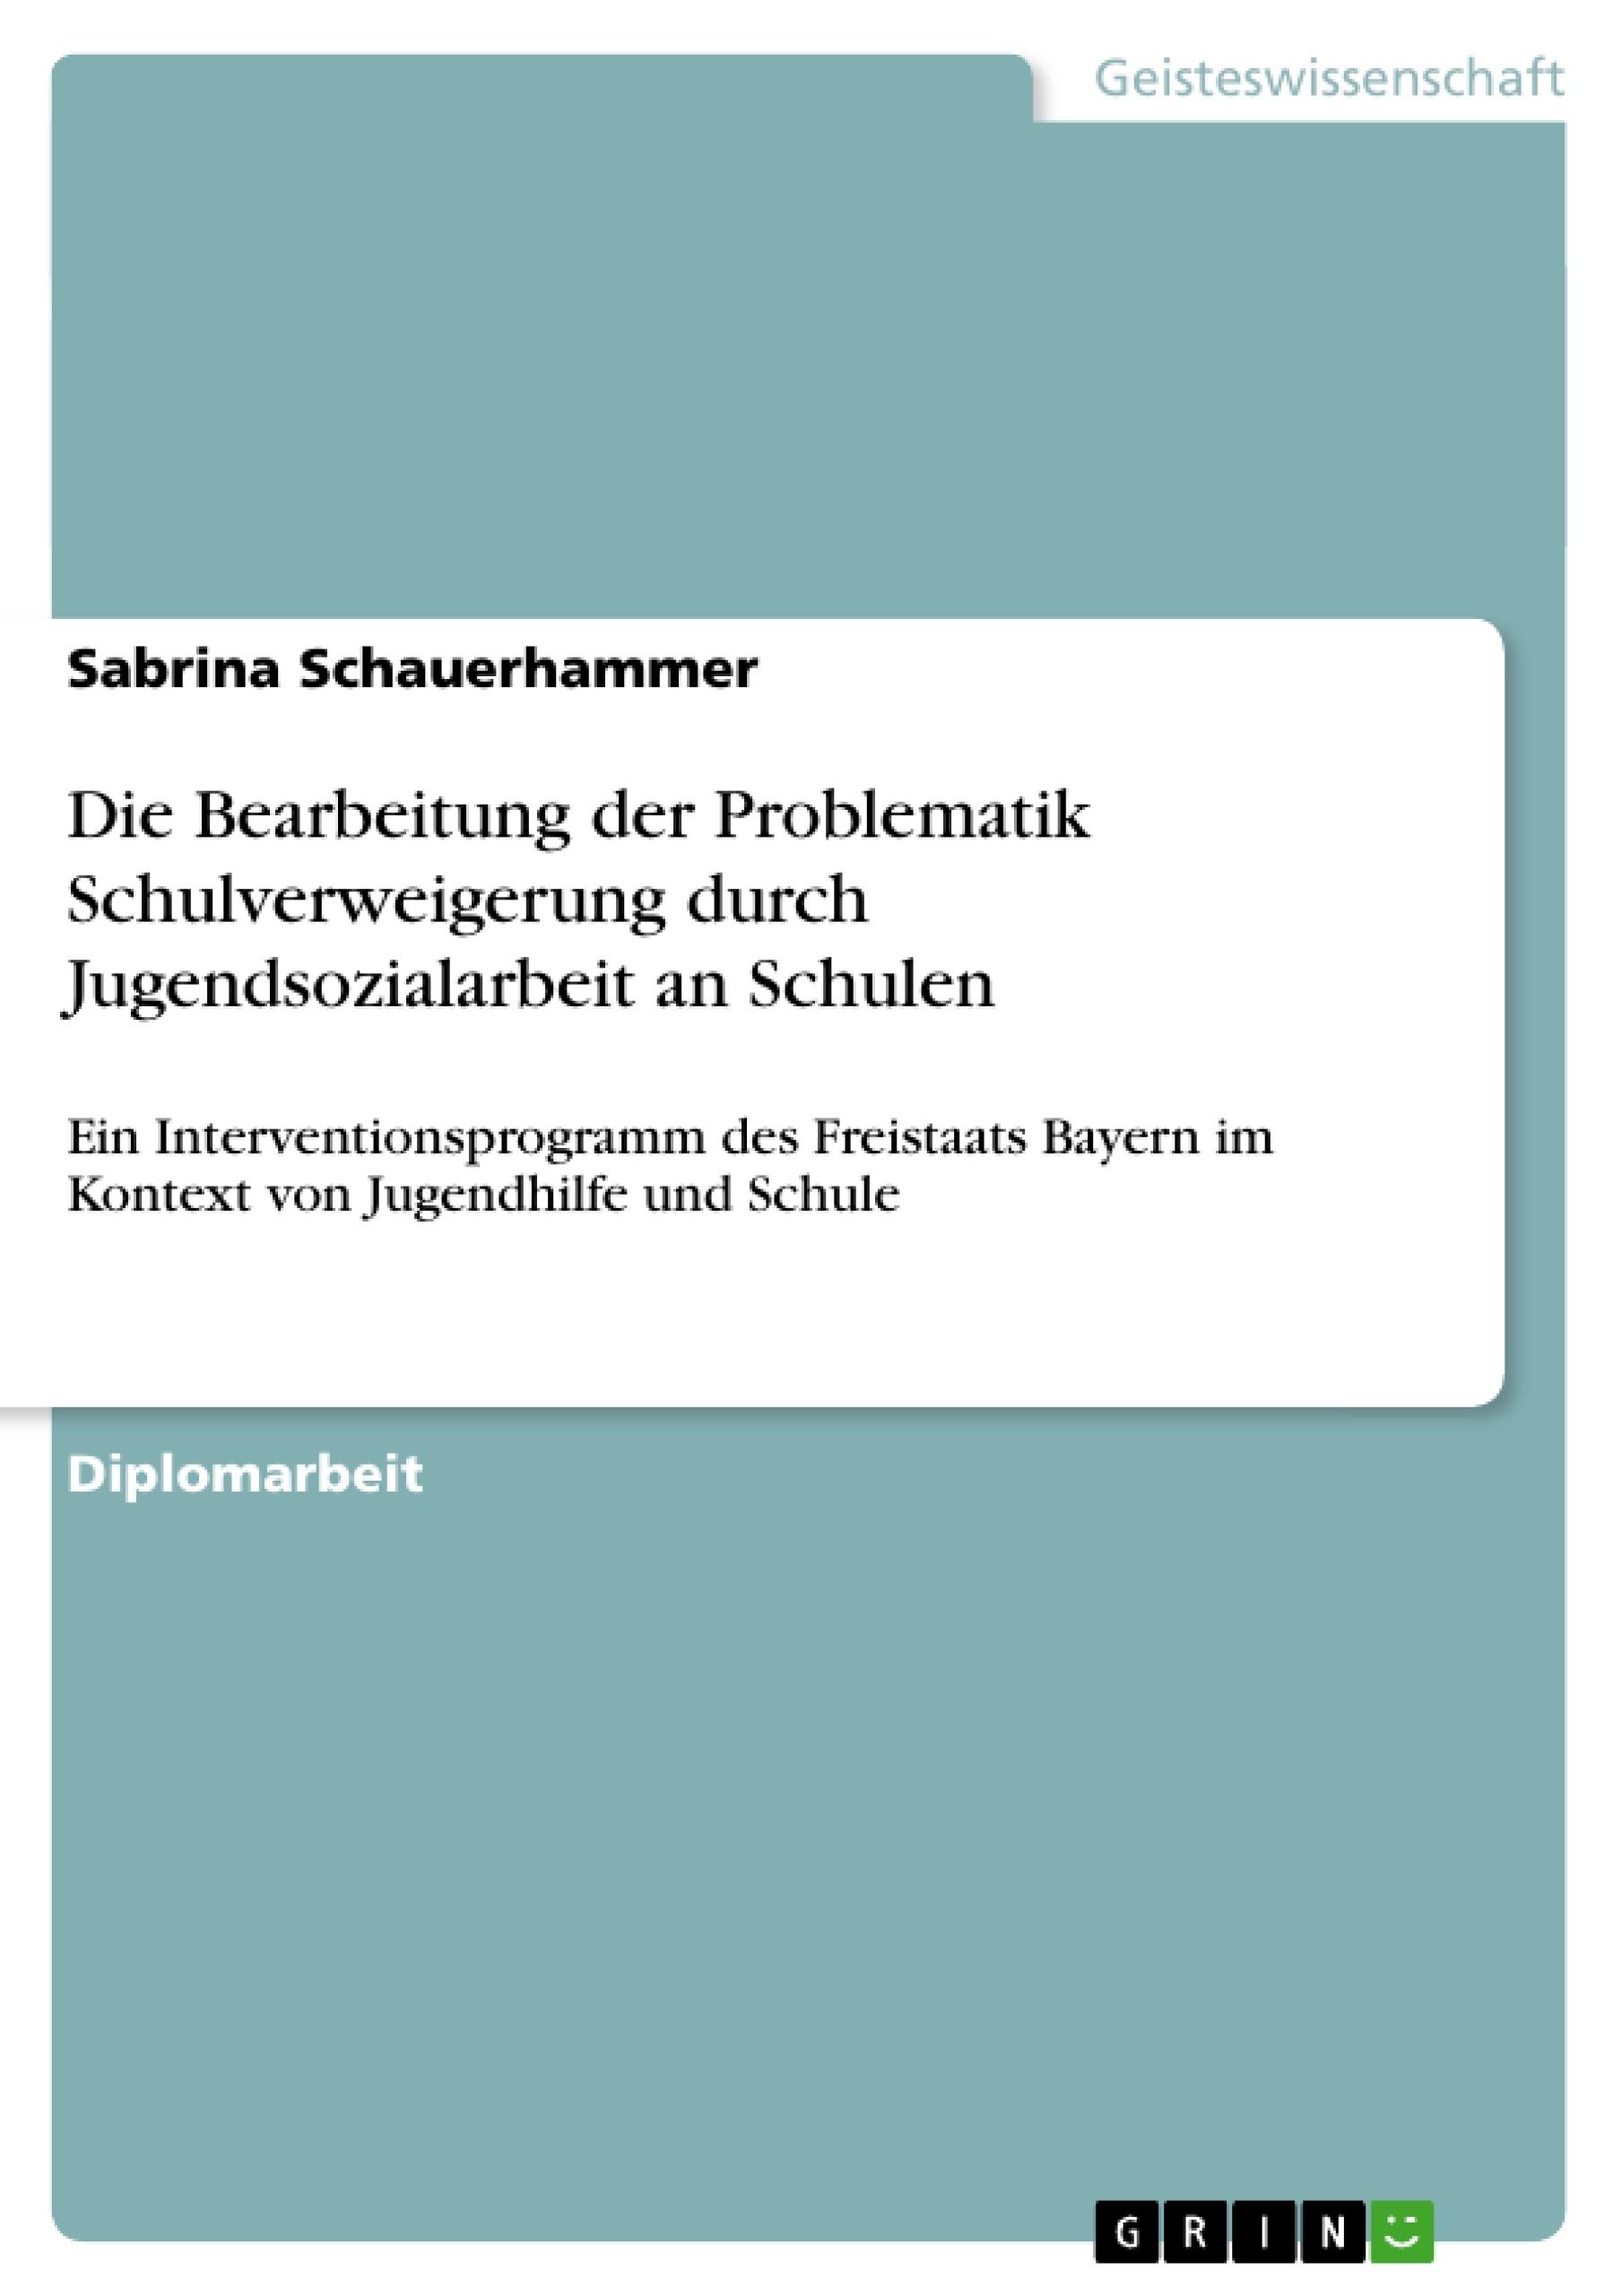 Titel: Die Bearbeitung der Problematik Schulverweigerung durch Jugendsozialarbeit an Schulen